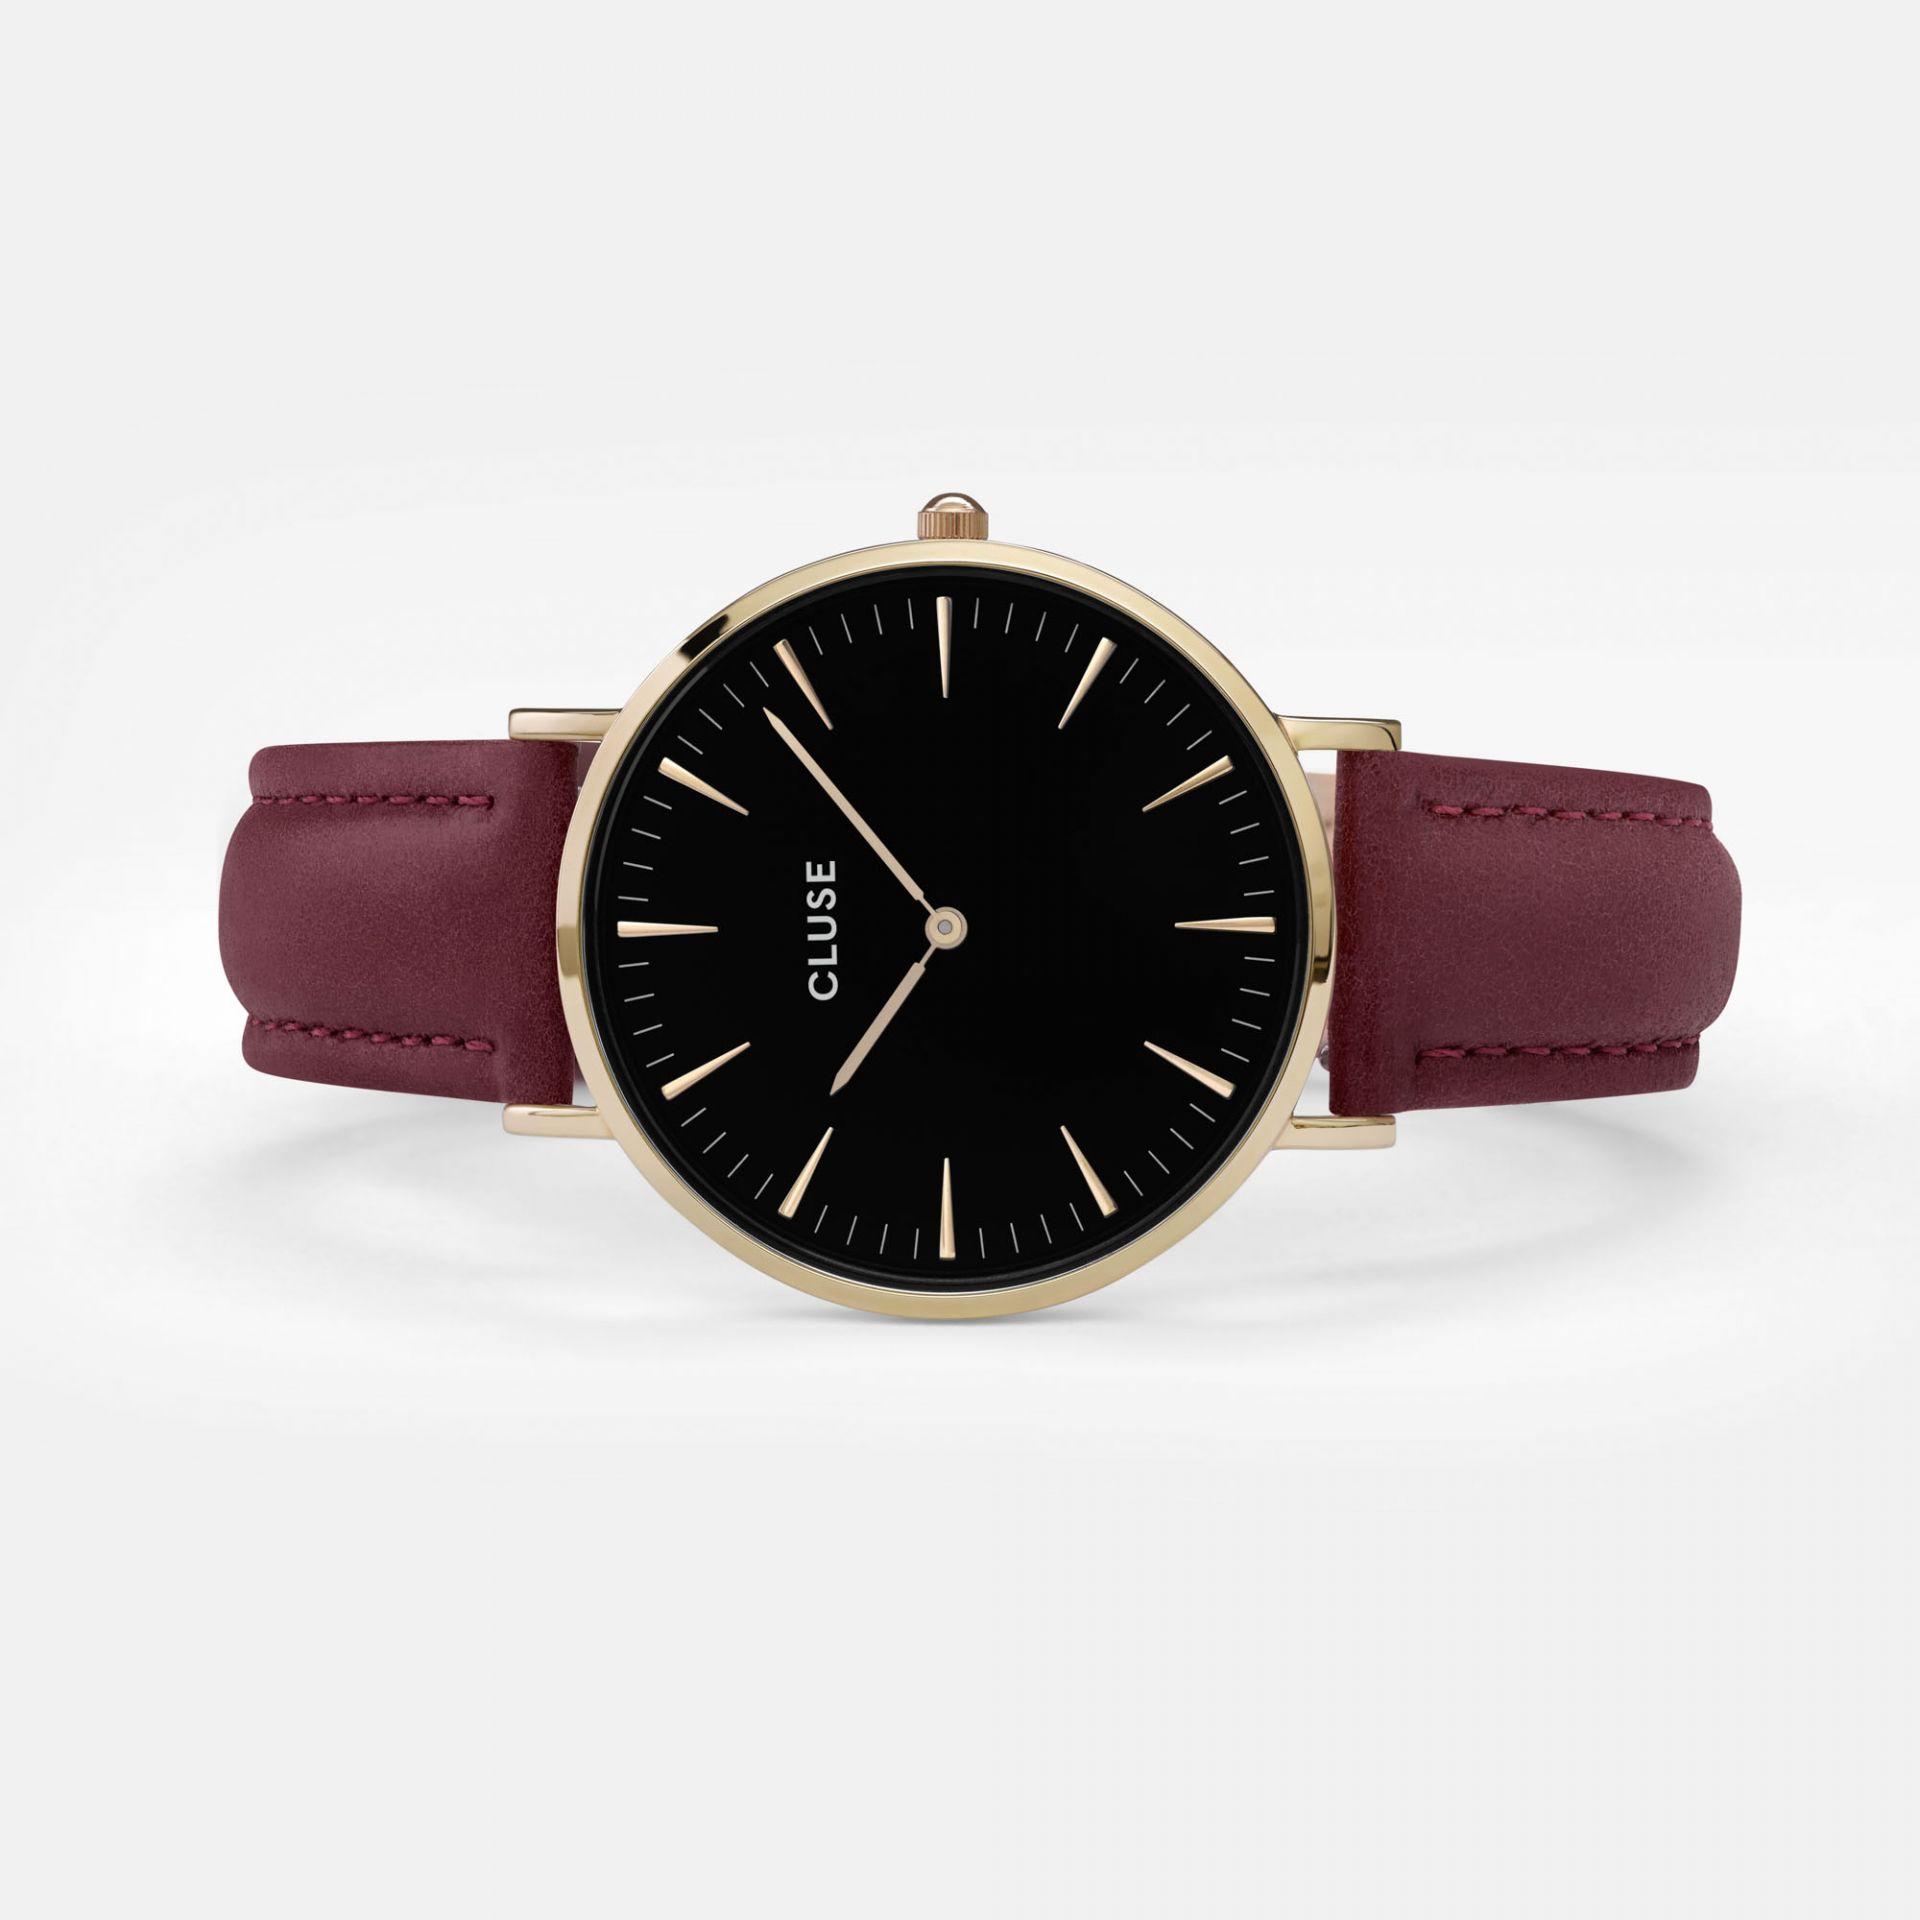 hodinky cluse la boh me gold black marsala bella rose. Black Bedroom Furniture Sets. Home Design Ideas